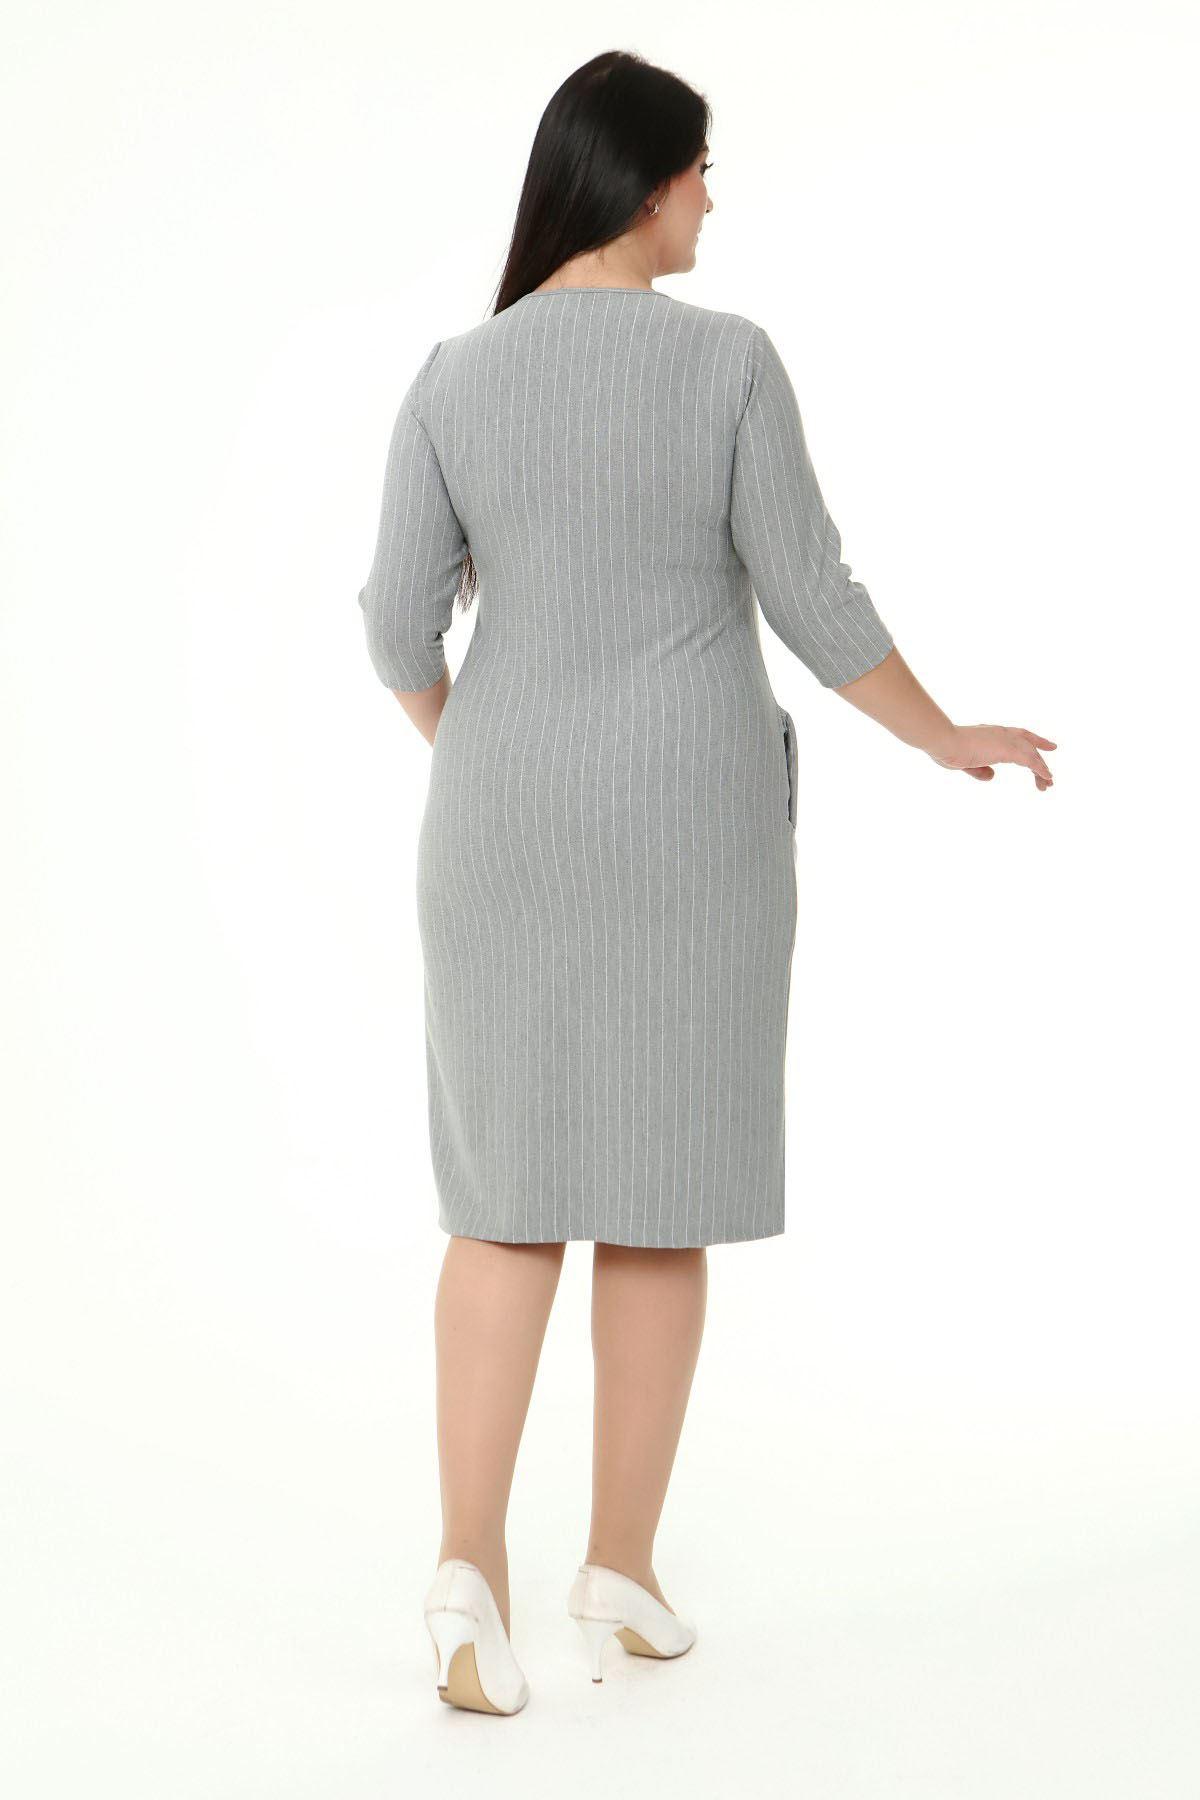 Jakarlı Cepli Kışlık Büyük Beden Elbise 2B-1866